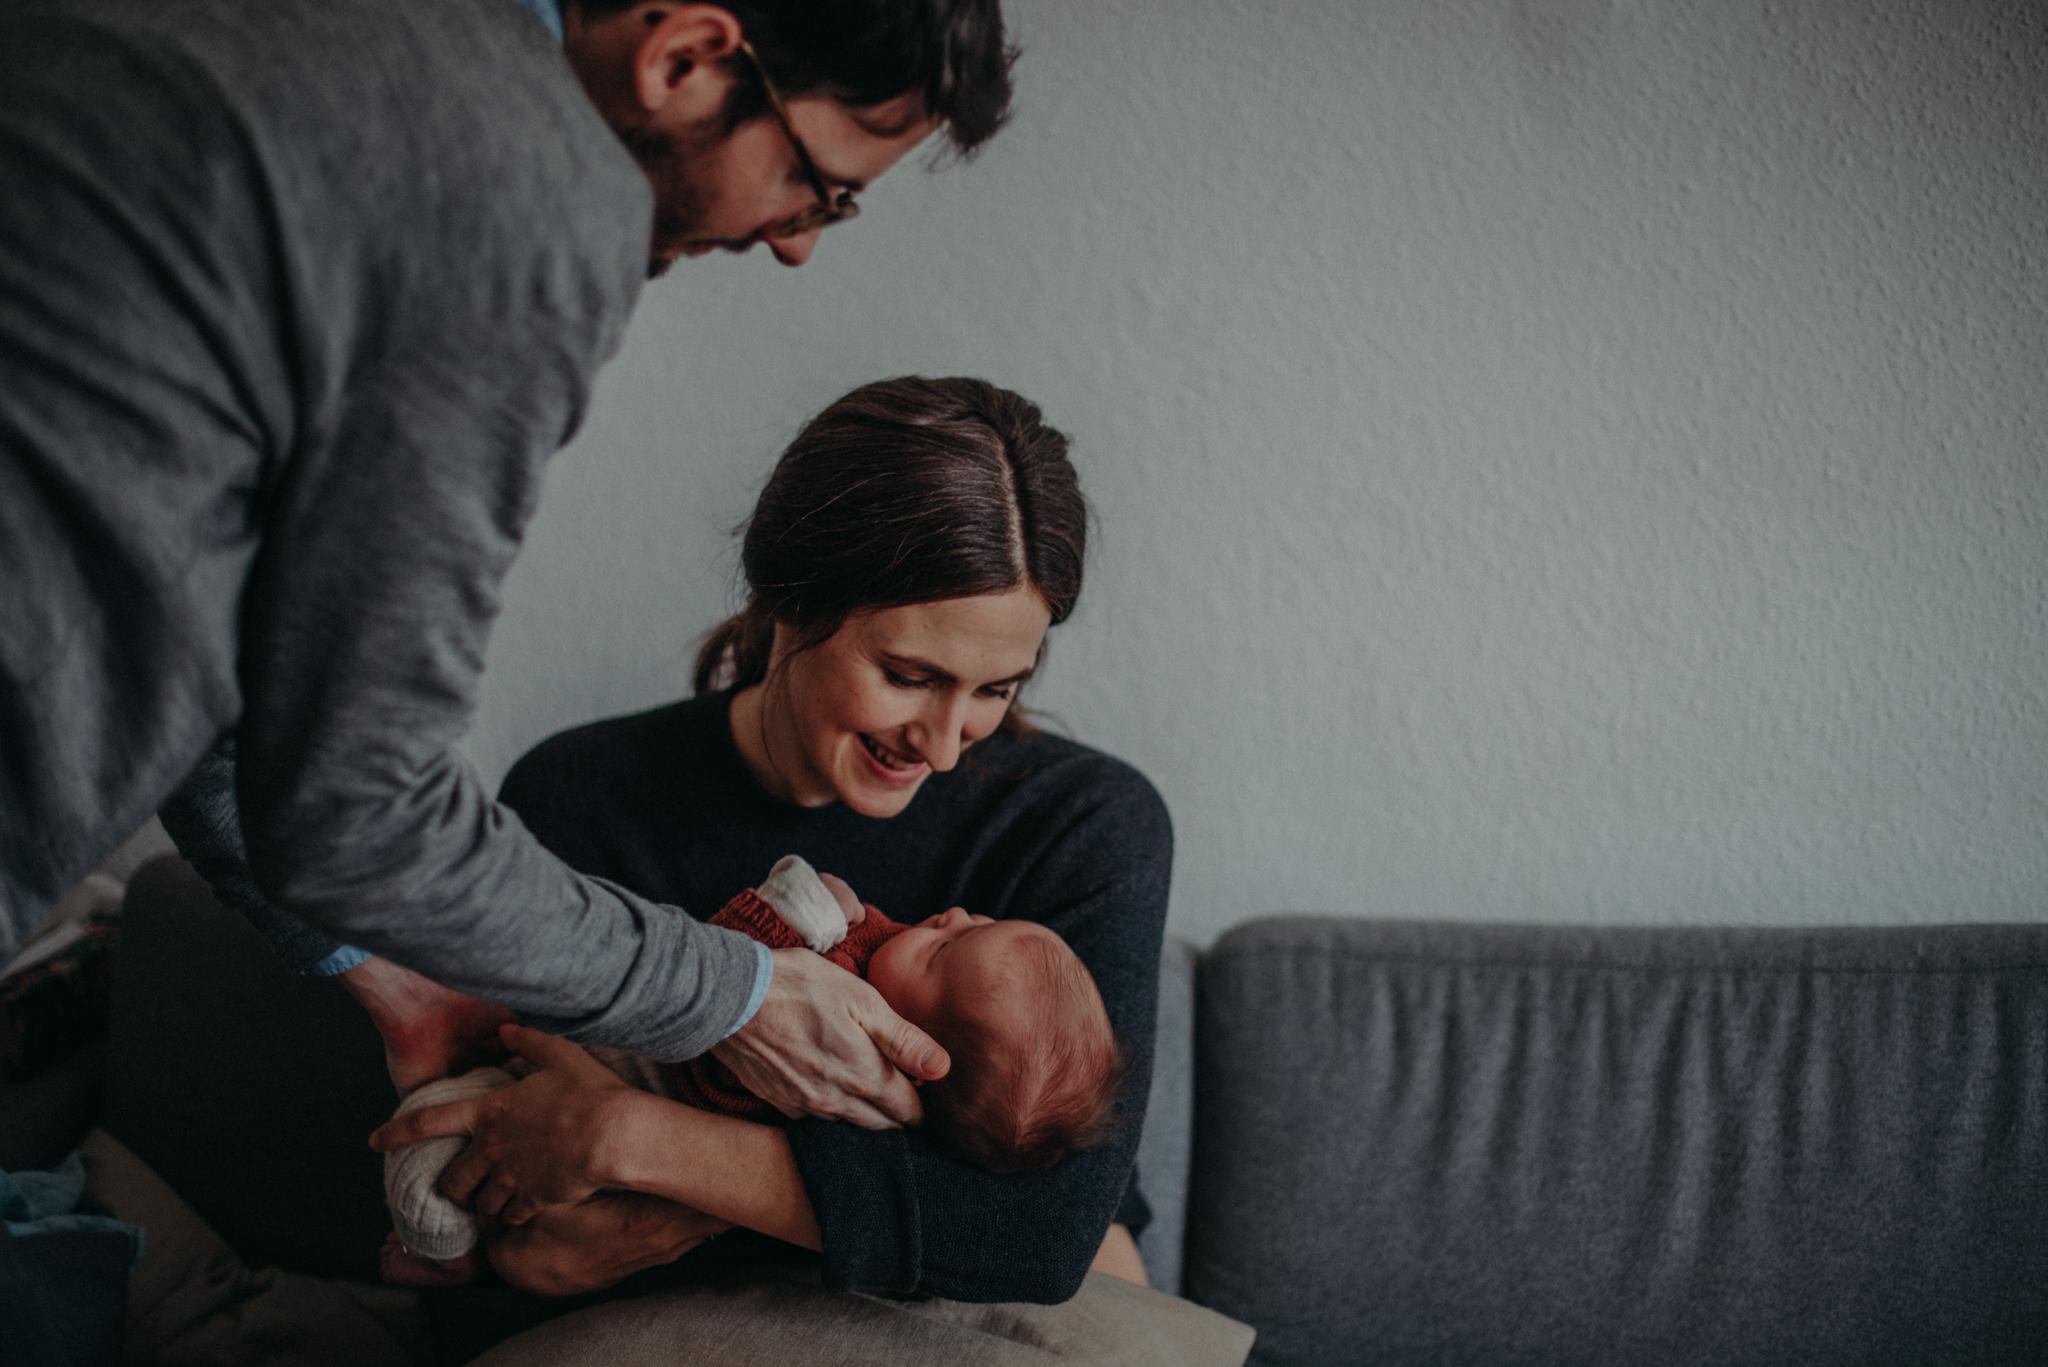 Familienfoto mit Neugeborenen entstanden bei Babyfotoshooting Zuhause in Freiburg